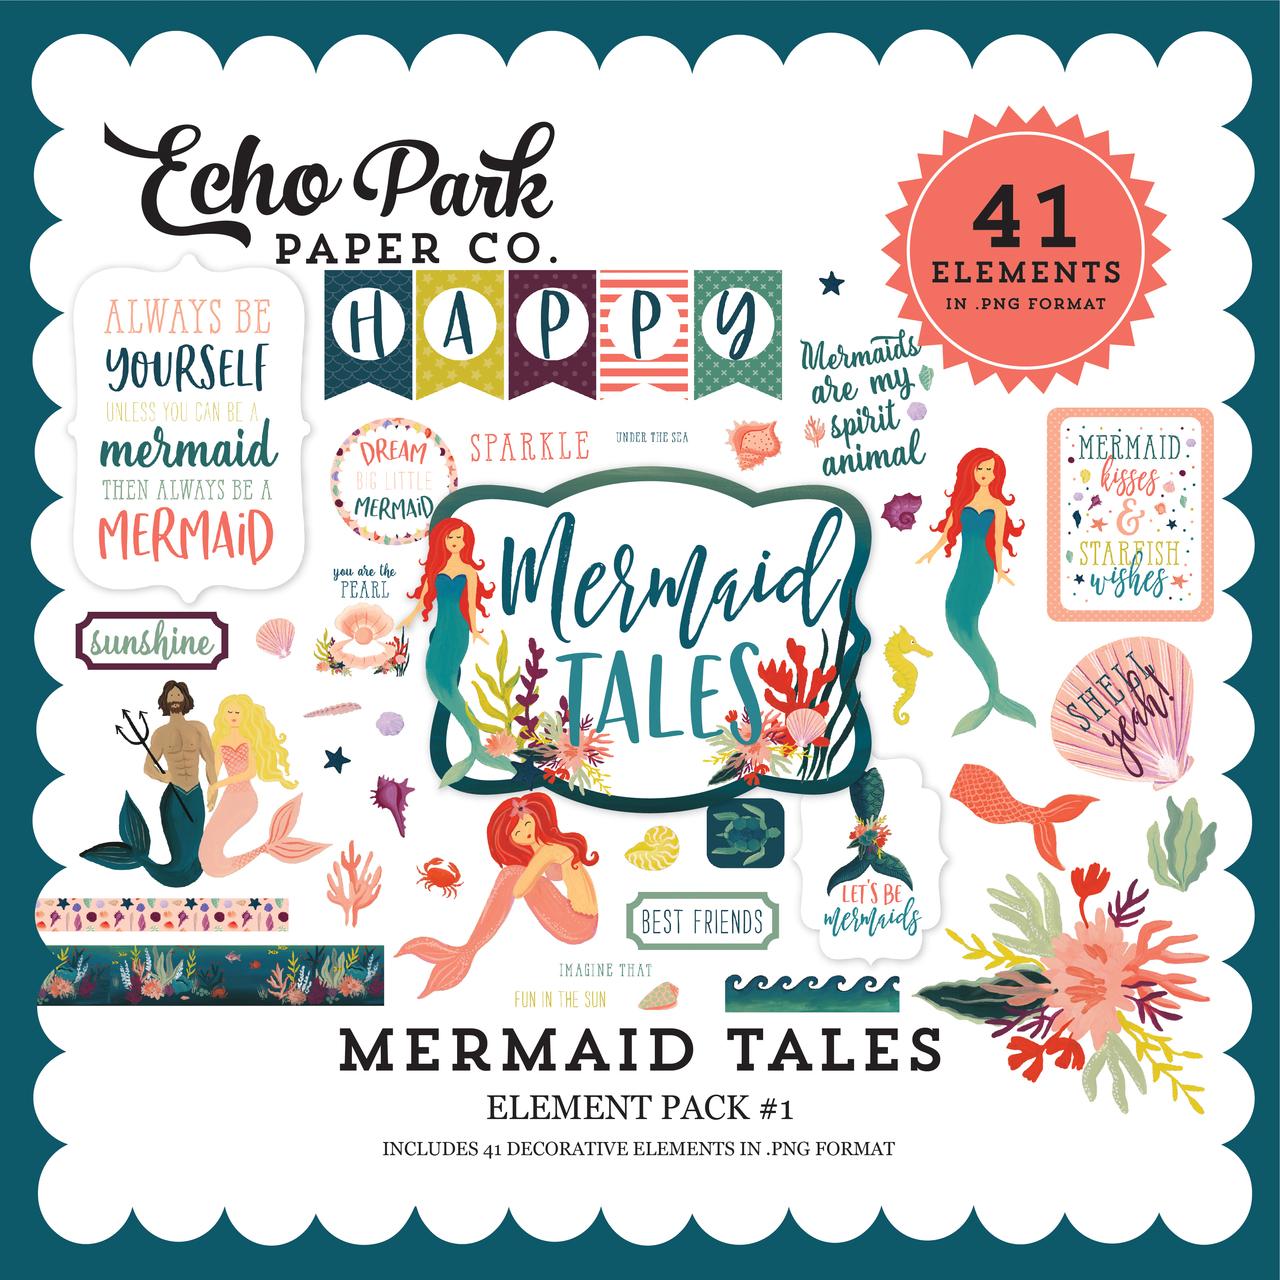 Mermaid Tales Element Pack #1